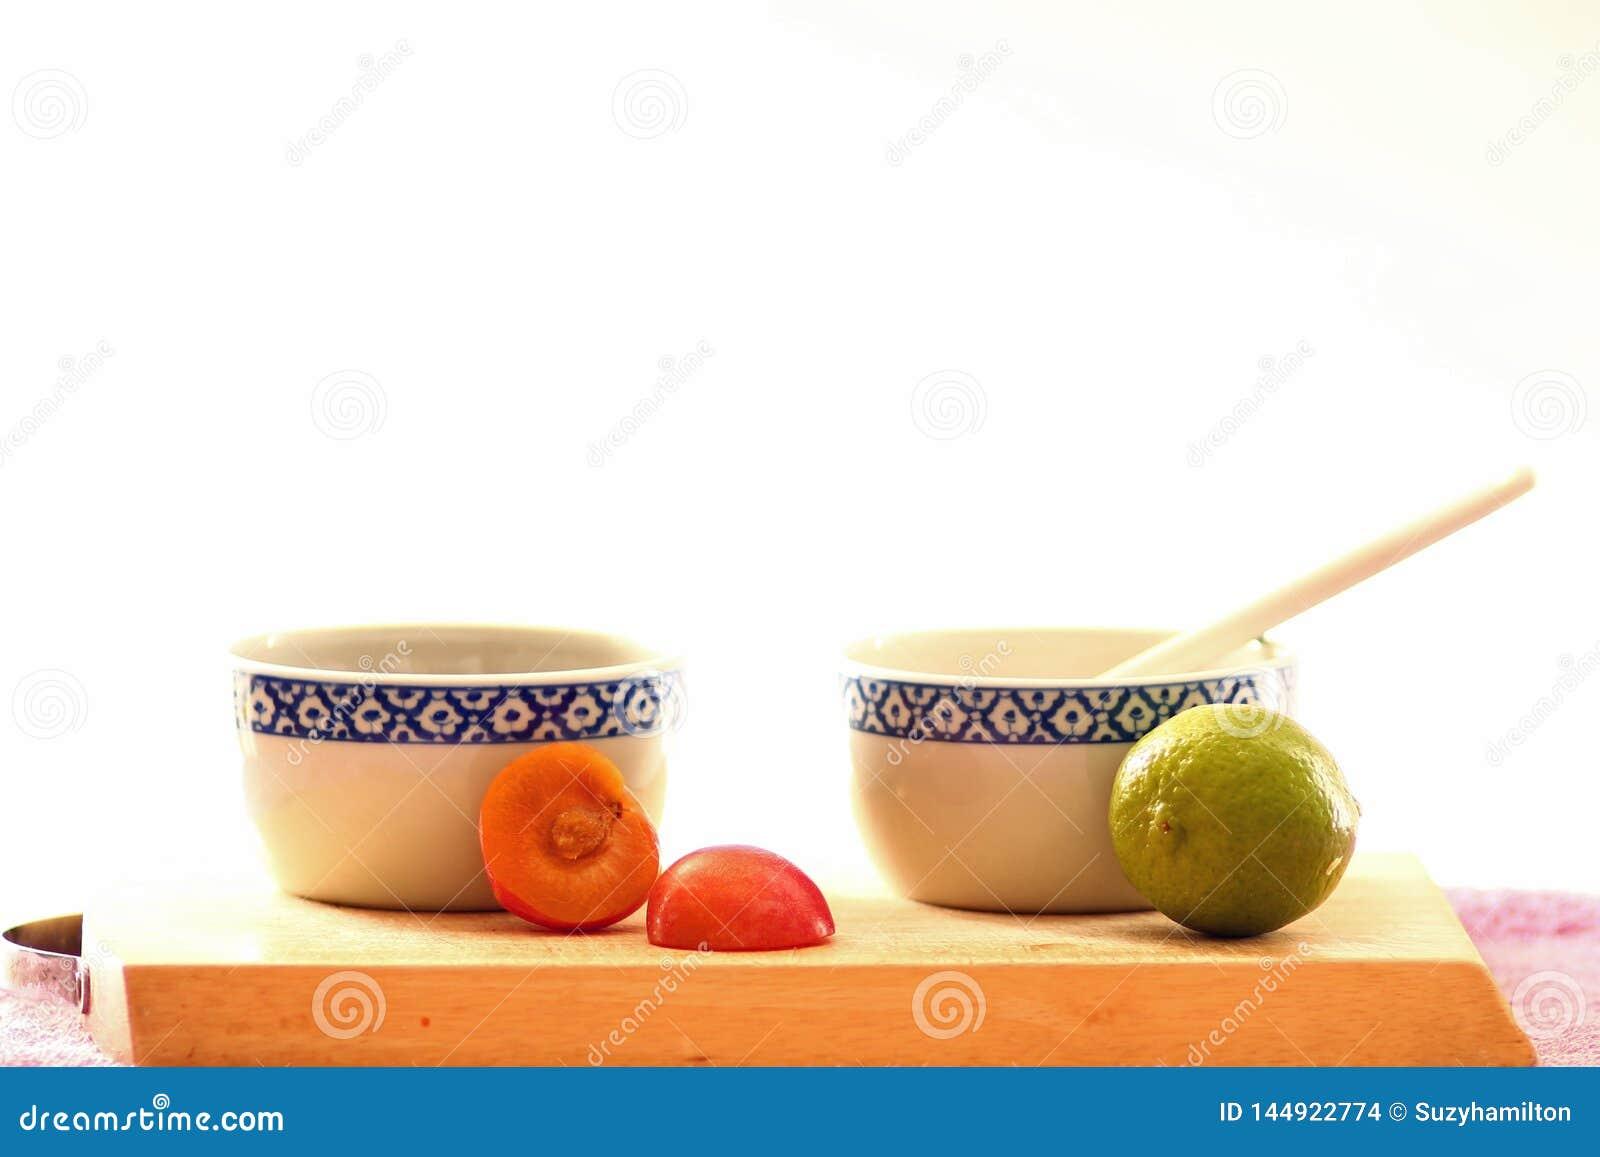 Άσπρα και μπλε κύπελλα με τα καρύδια και σπόροι στον ξύλινο πίνακα